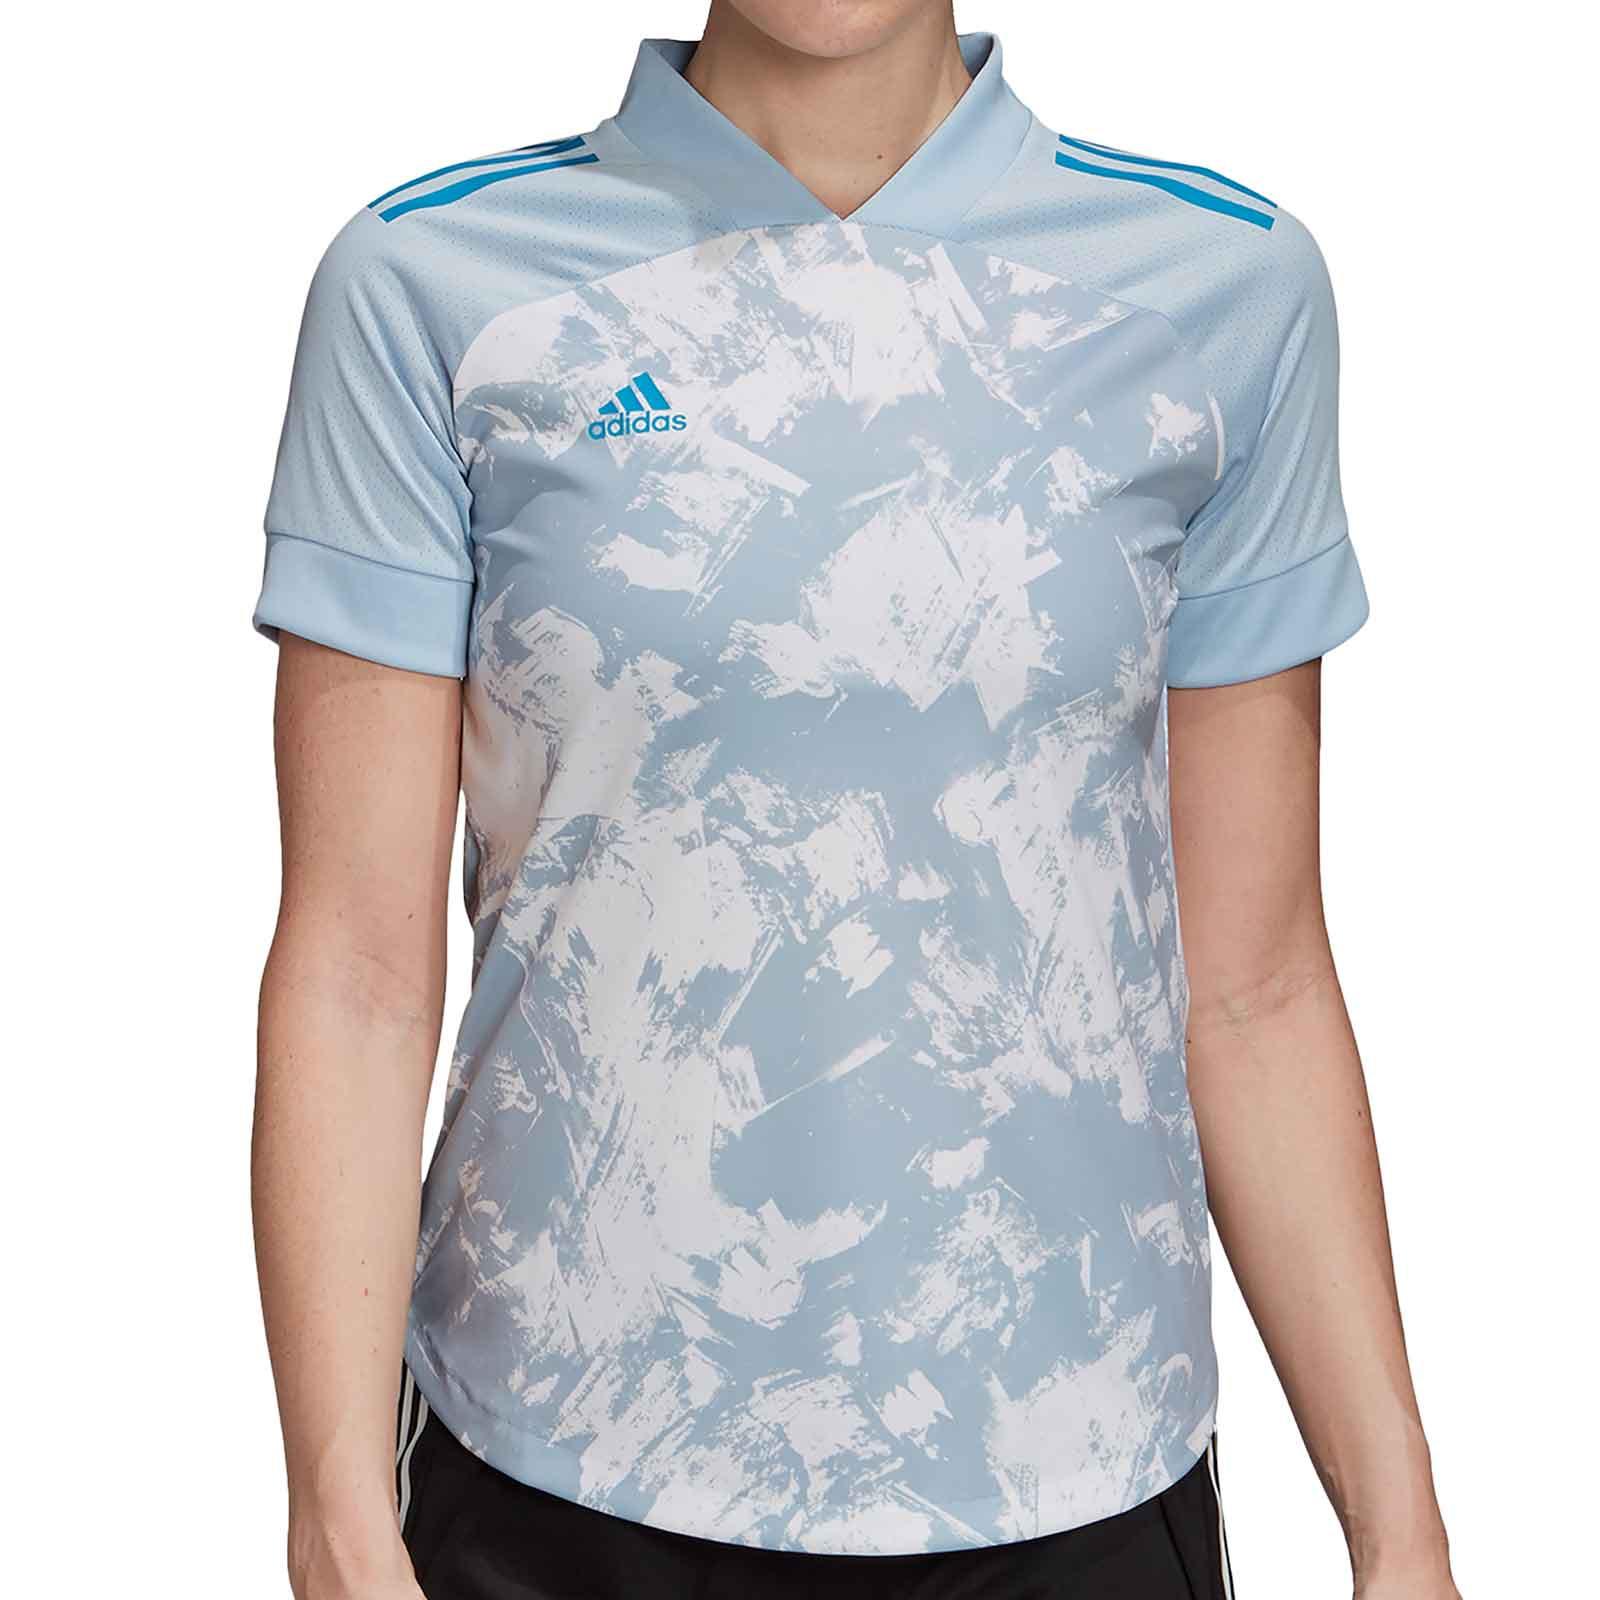 arquitecto Delgado béisbol  Camiseta adidas Condivo 20 mujer azul celeste |futbolmania